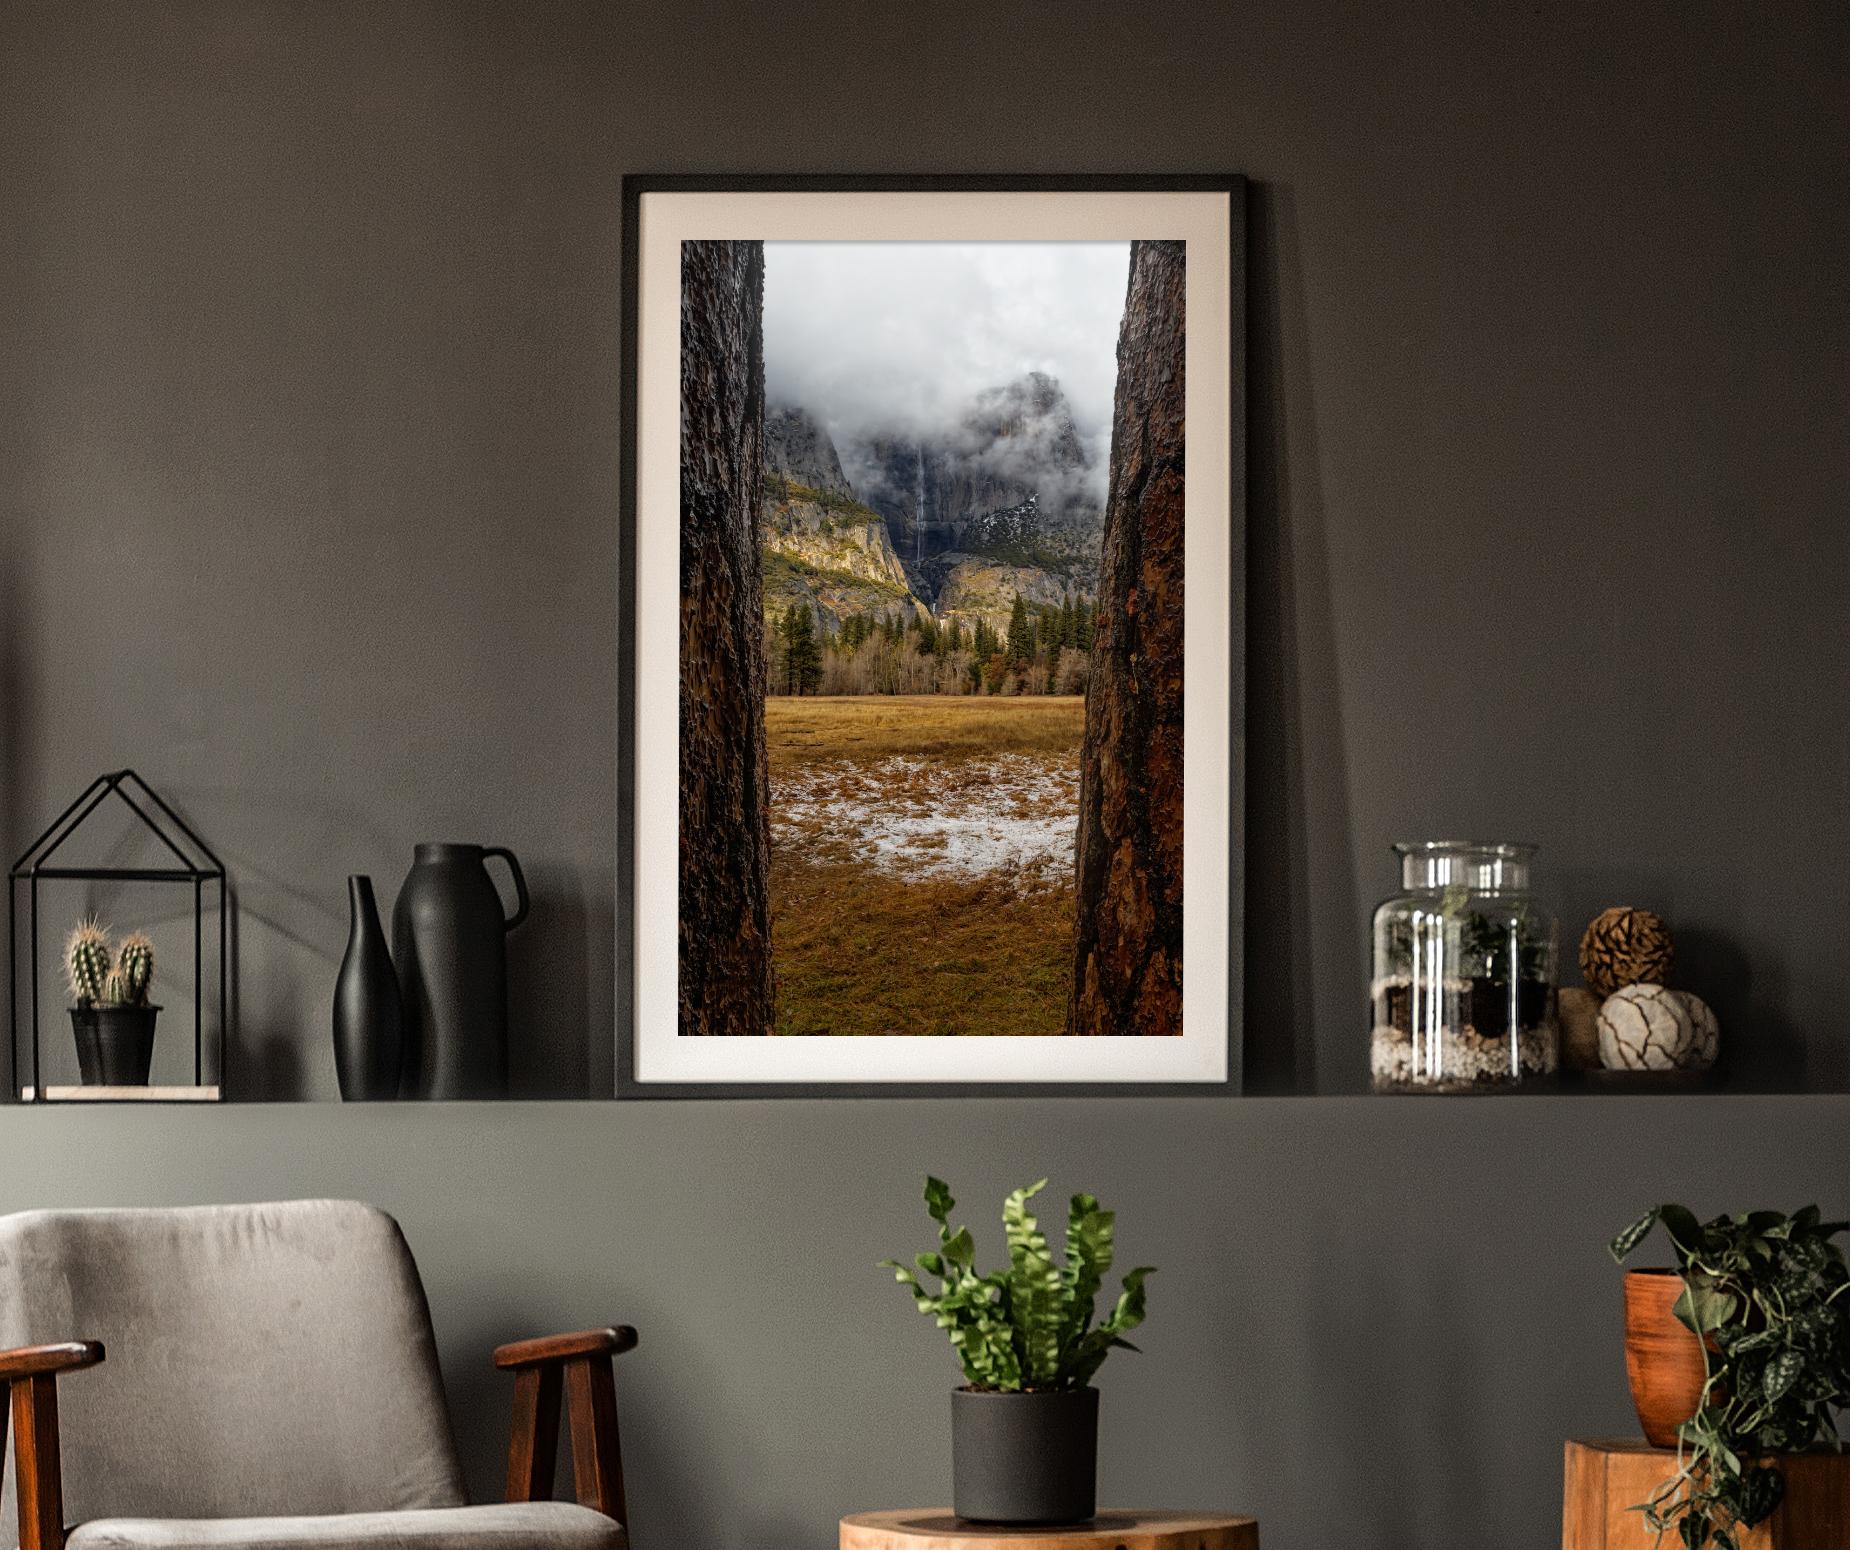 YosemiteFallsFramed.jpg